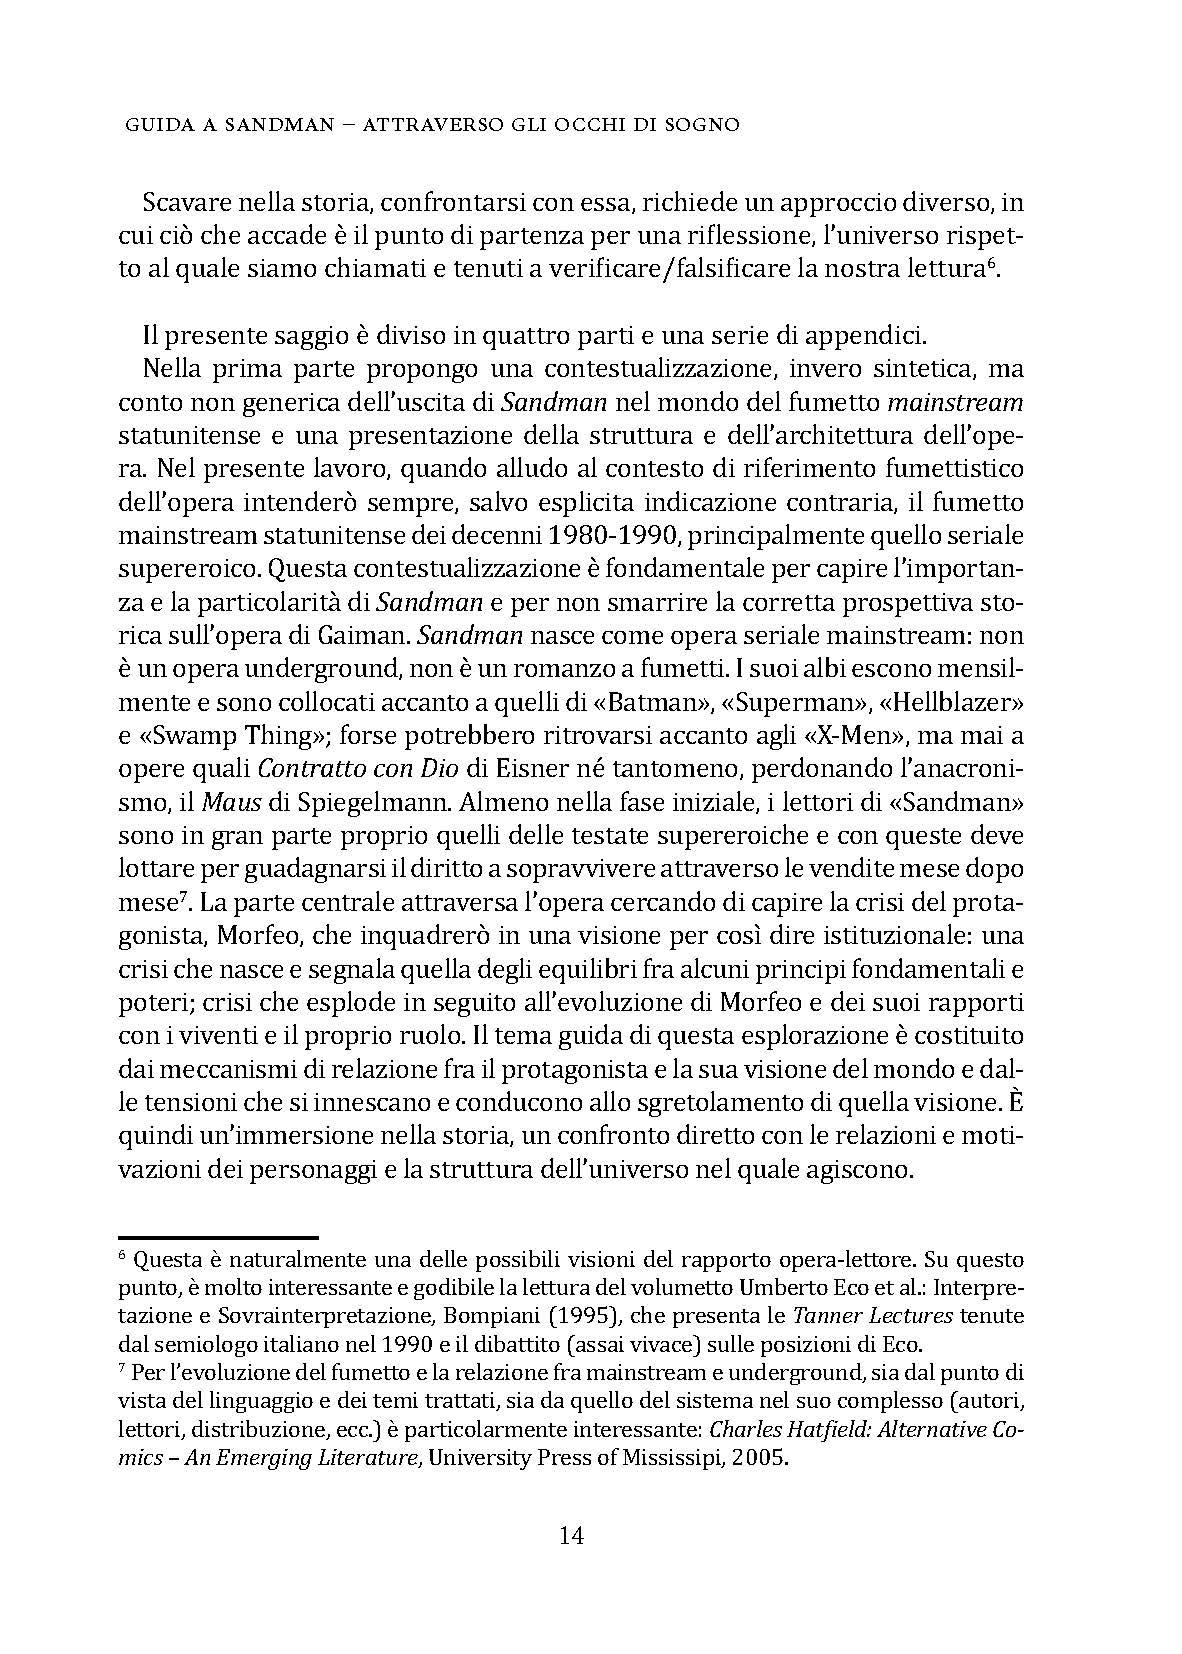 Pagine da PDF Guida non ufficiale a Sandman filigranato_Pagina_10